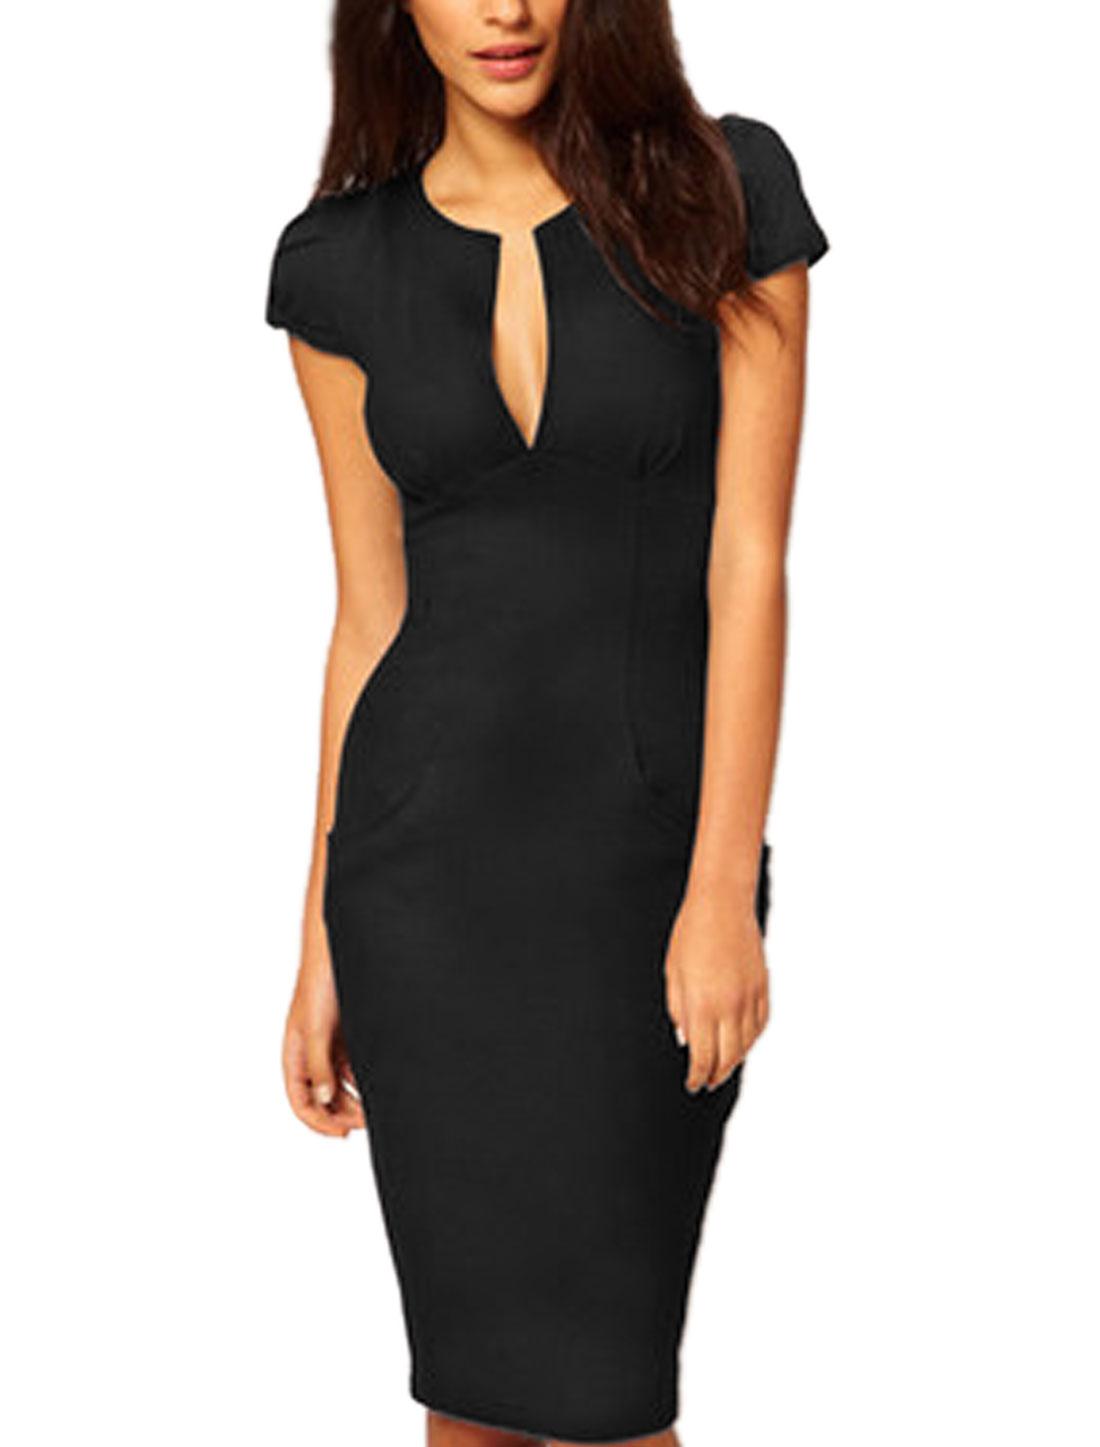 Ladies Cap Sleeves Split Back Unlined Wiggle Dress Black M